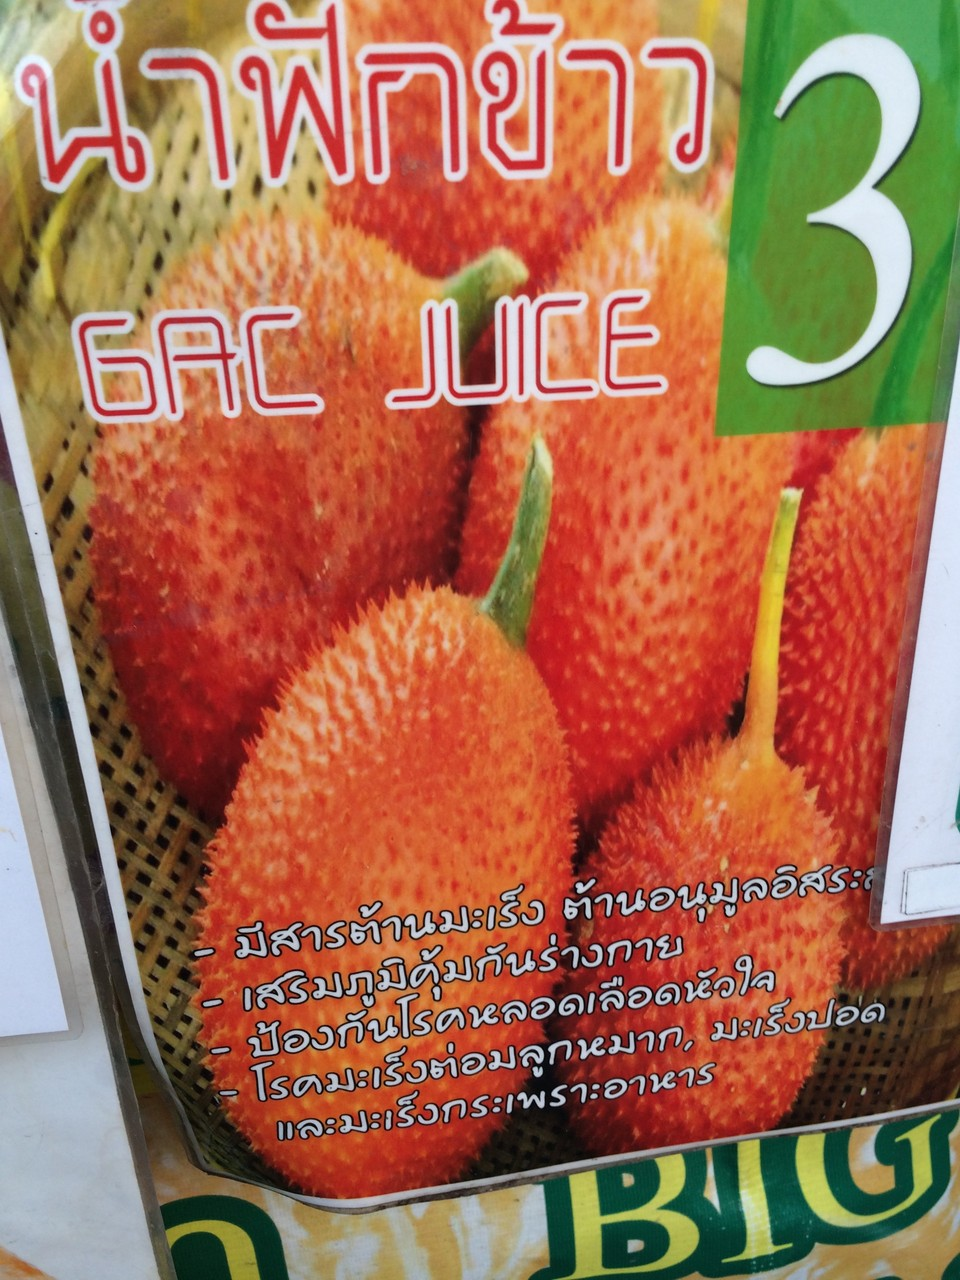 「ガク」というフルーツジュース。なんだかどこかで飲んだことあるような味だったけど、なにかは思い出せなかった。